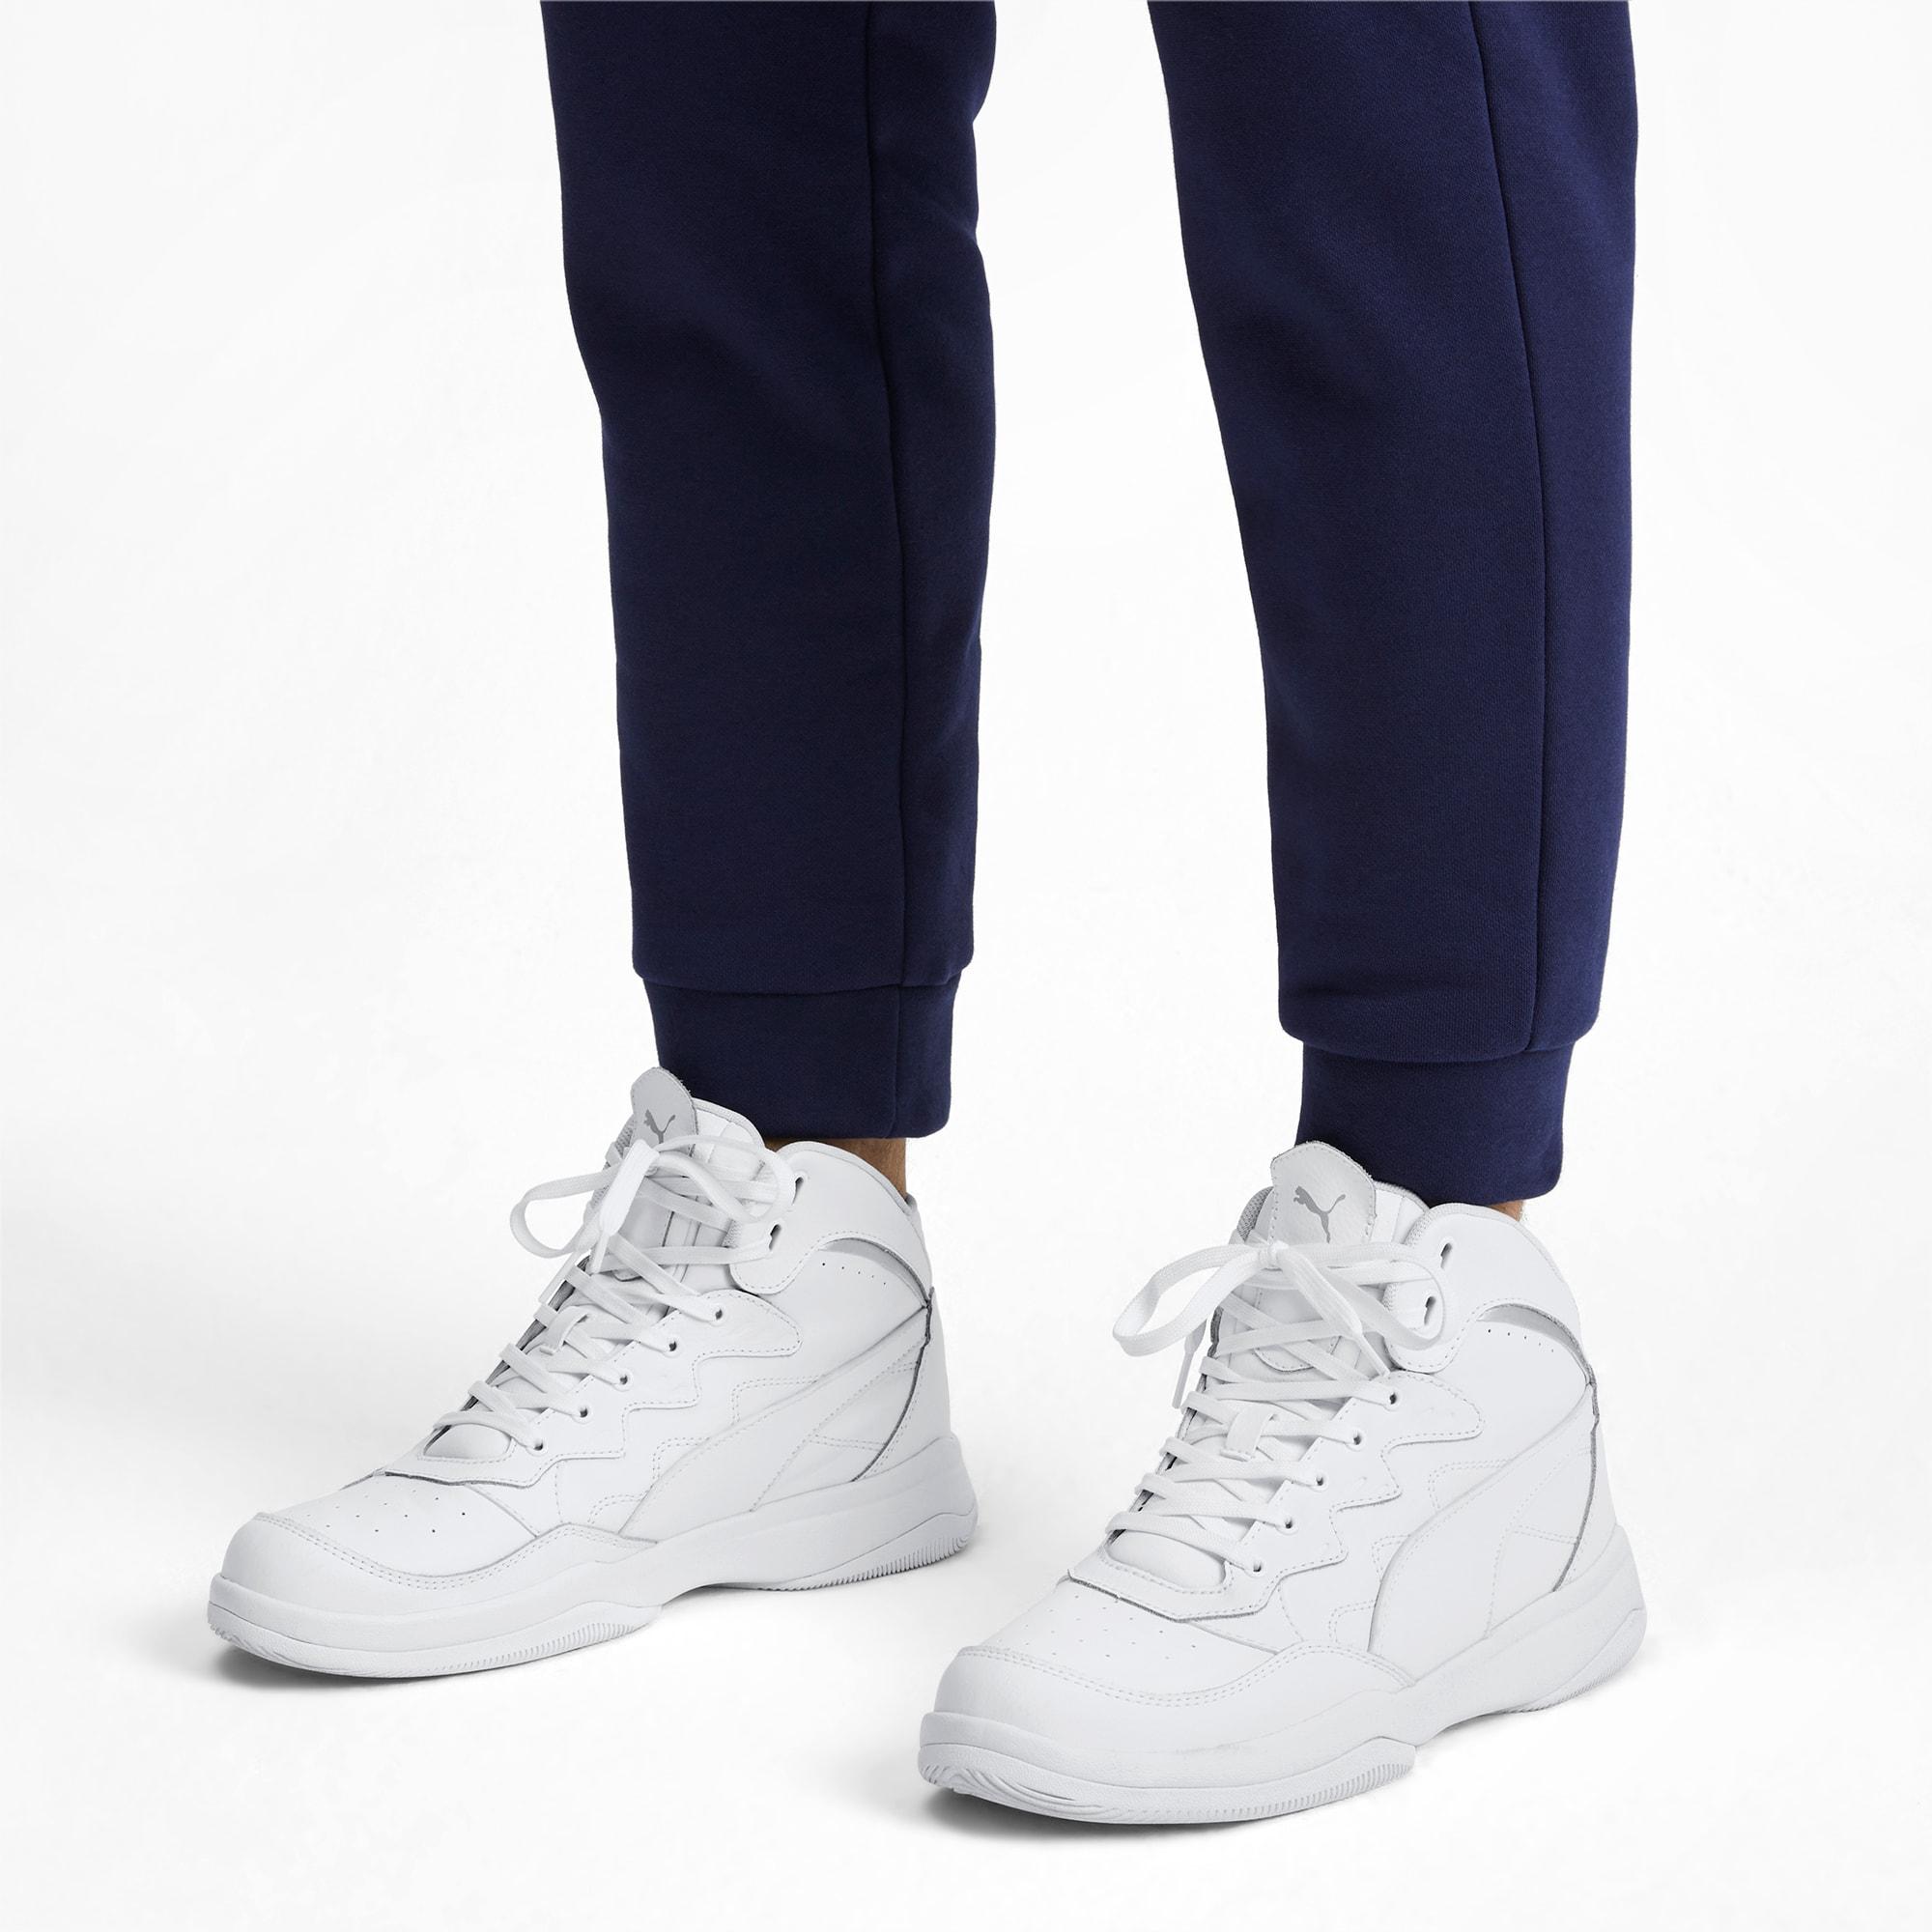 PUMA Rebound Playoff Men's Sneakers